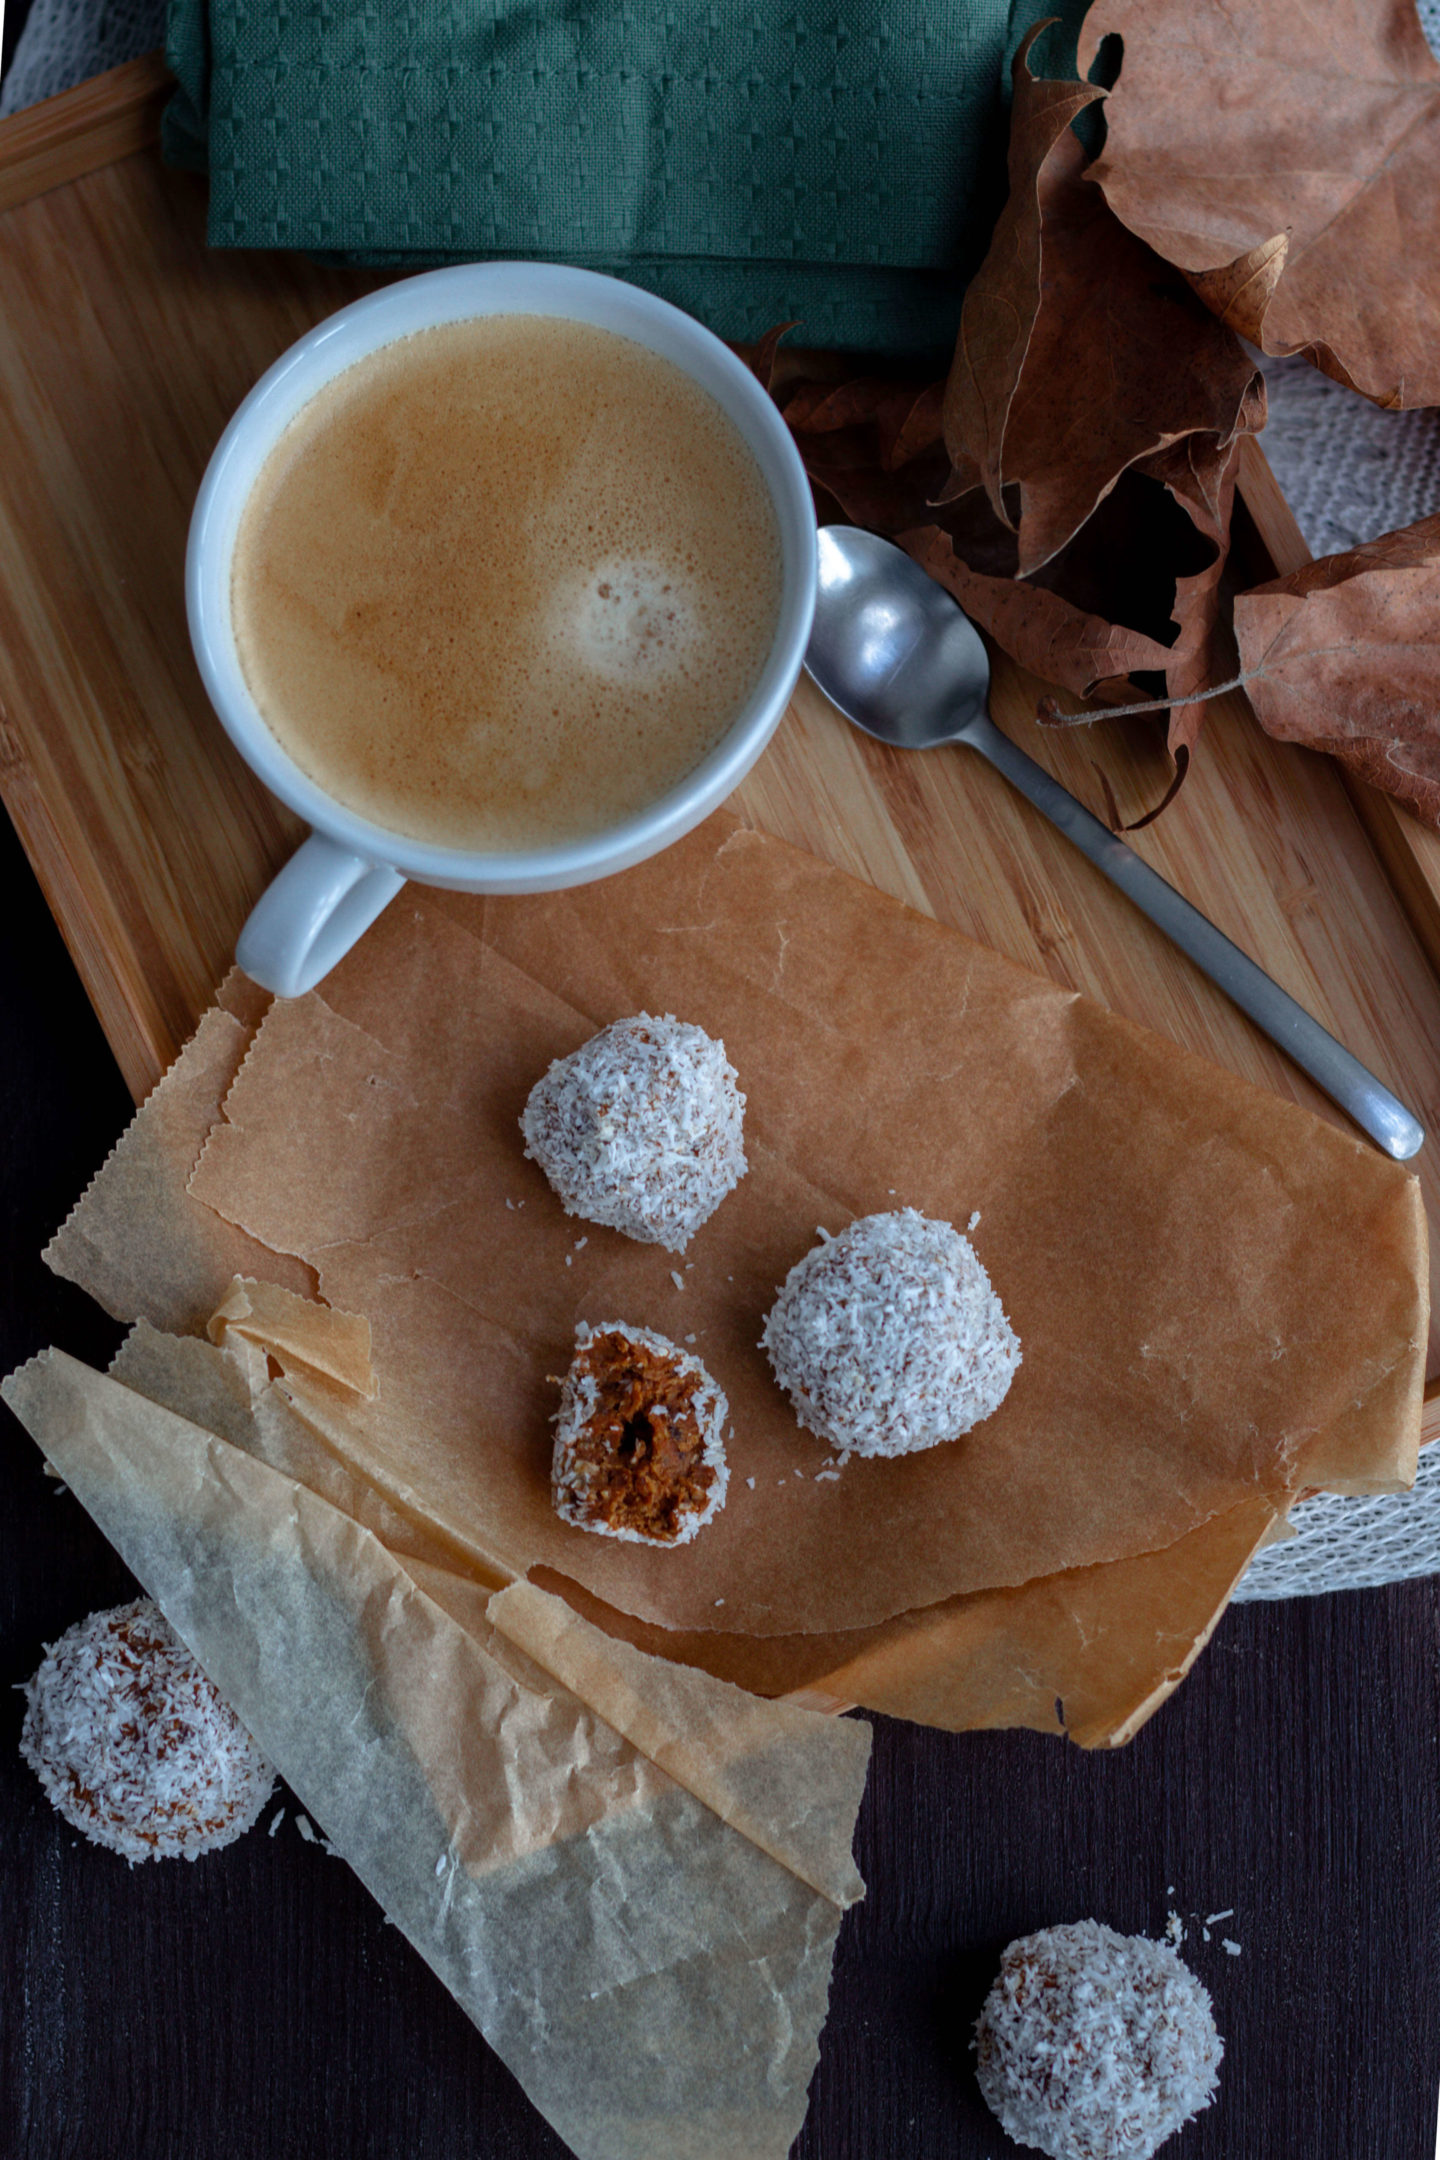 Herbstliche Energiekugerl mit Ingwer, Schokolade und Karotten - Dein HomeSpa- Wohlfühlblog aus dem Mostviertel